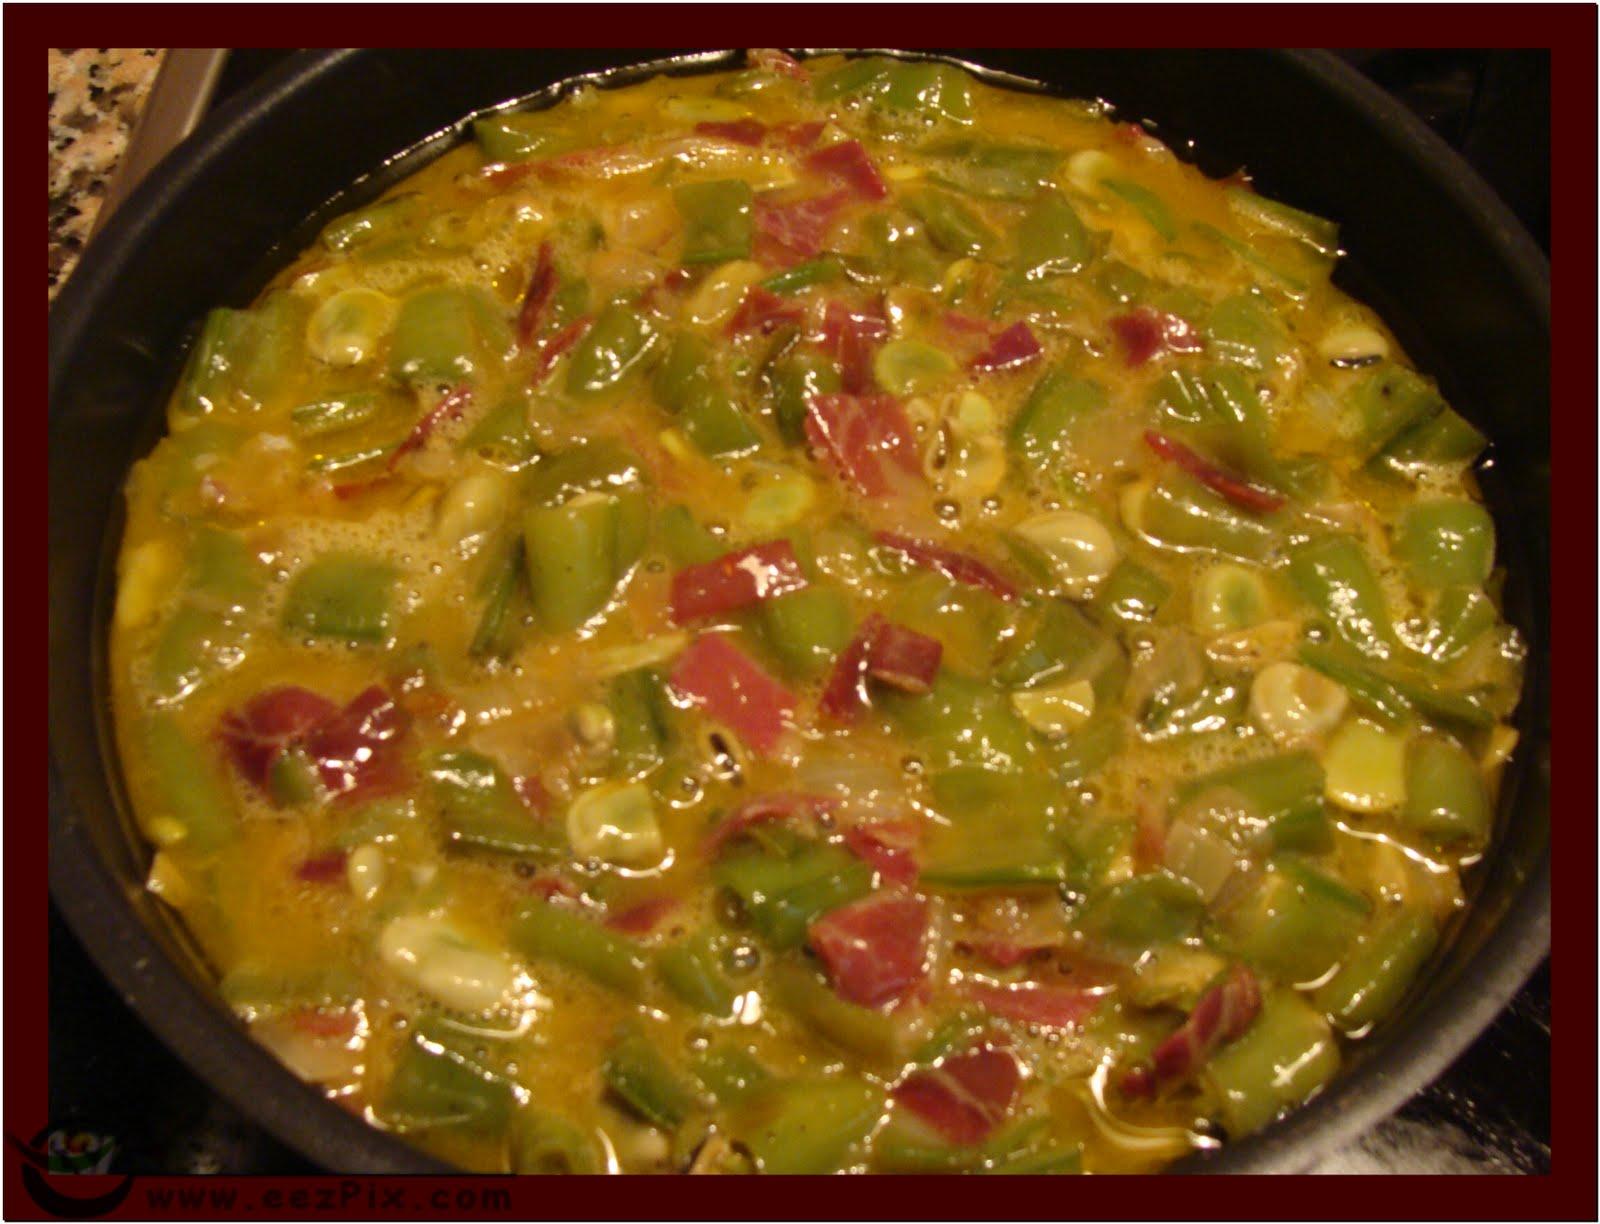 La cocina de ani tortilla de habas frescas cebolletas y - Habas frescas con jamon ...